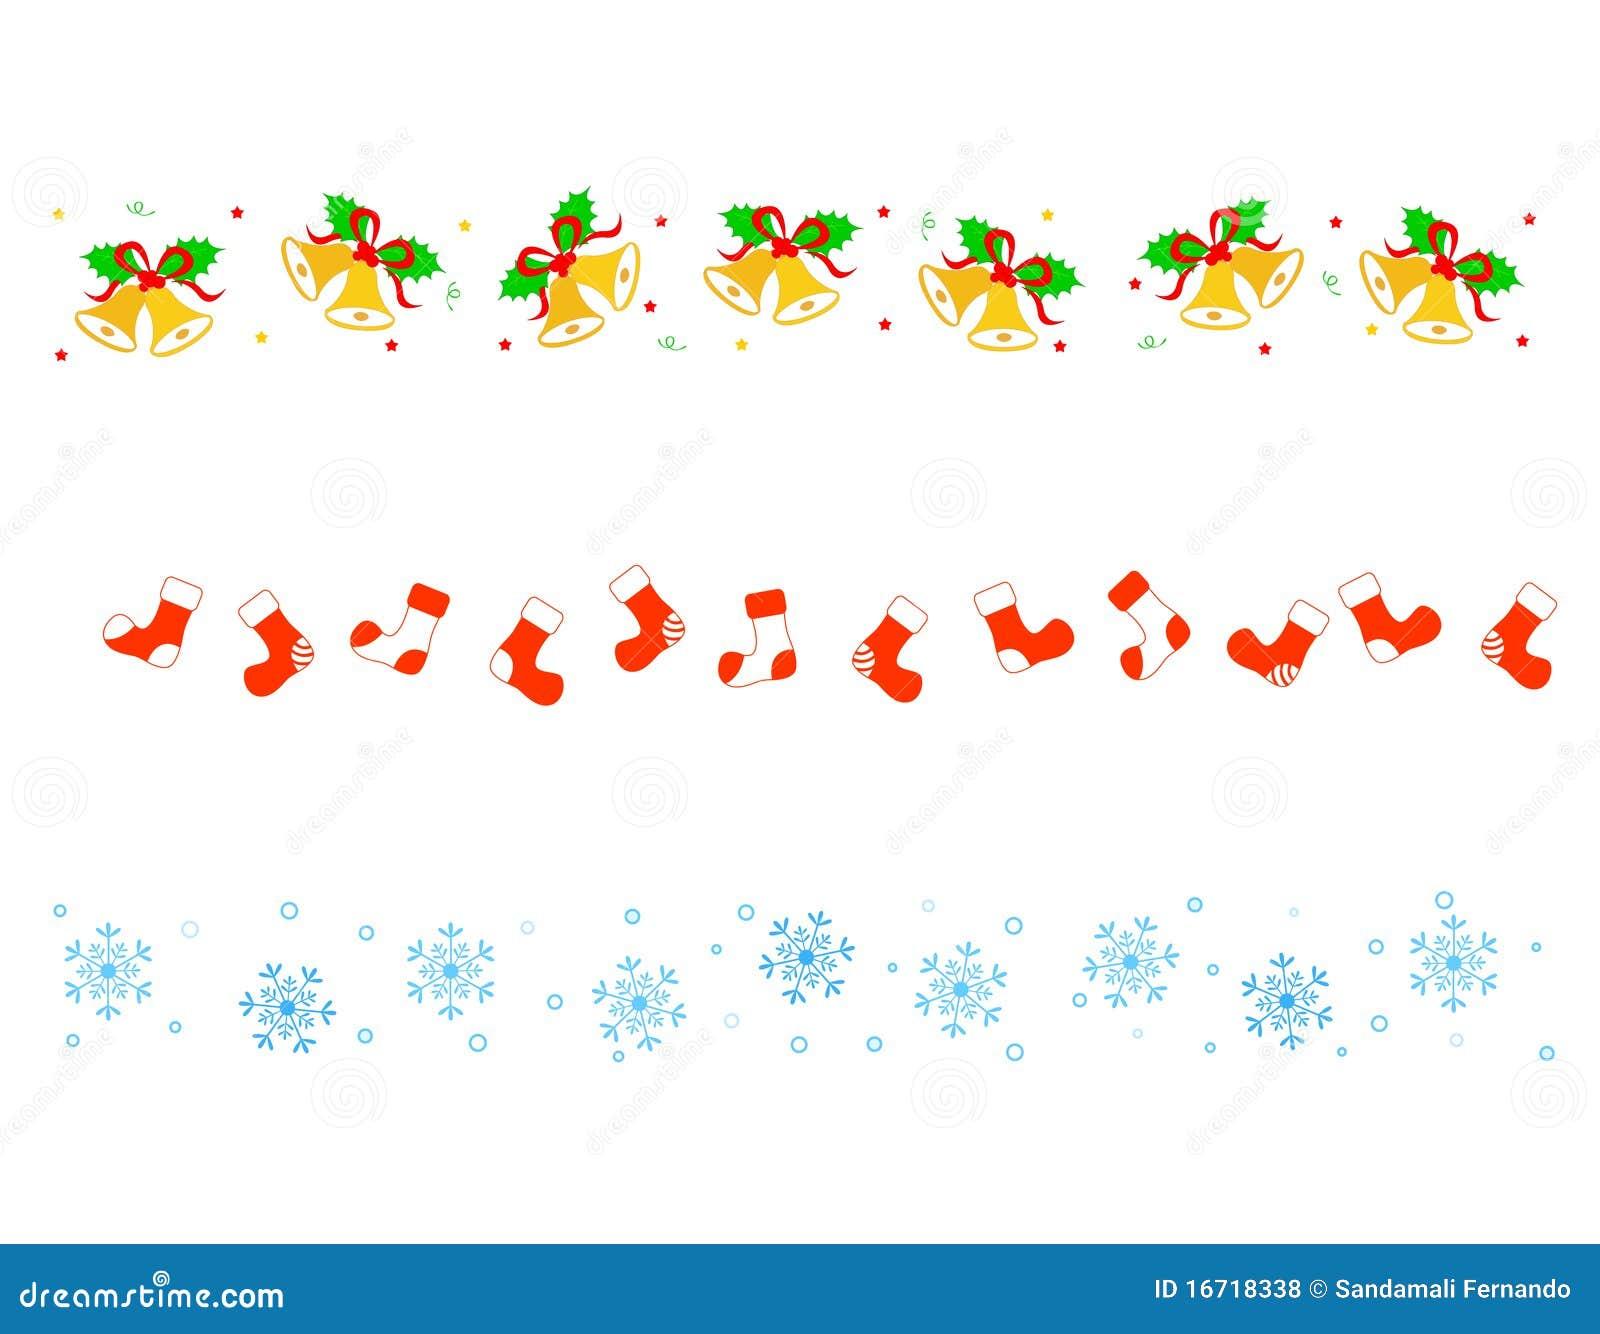 ... bells, socks and snowflakes Christmas/holiday border /divider set